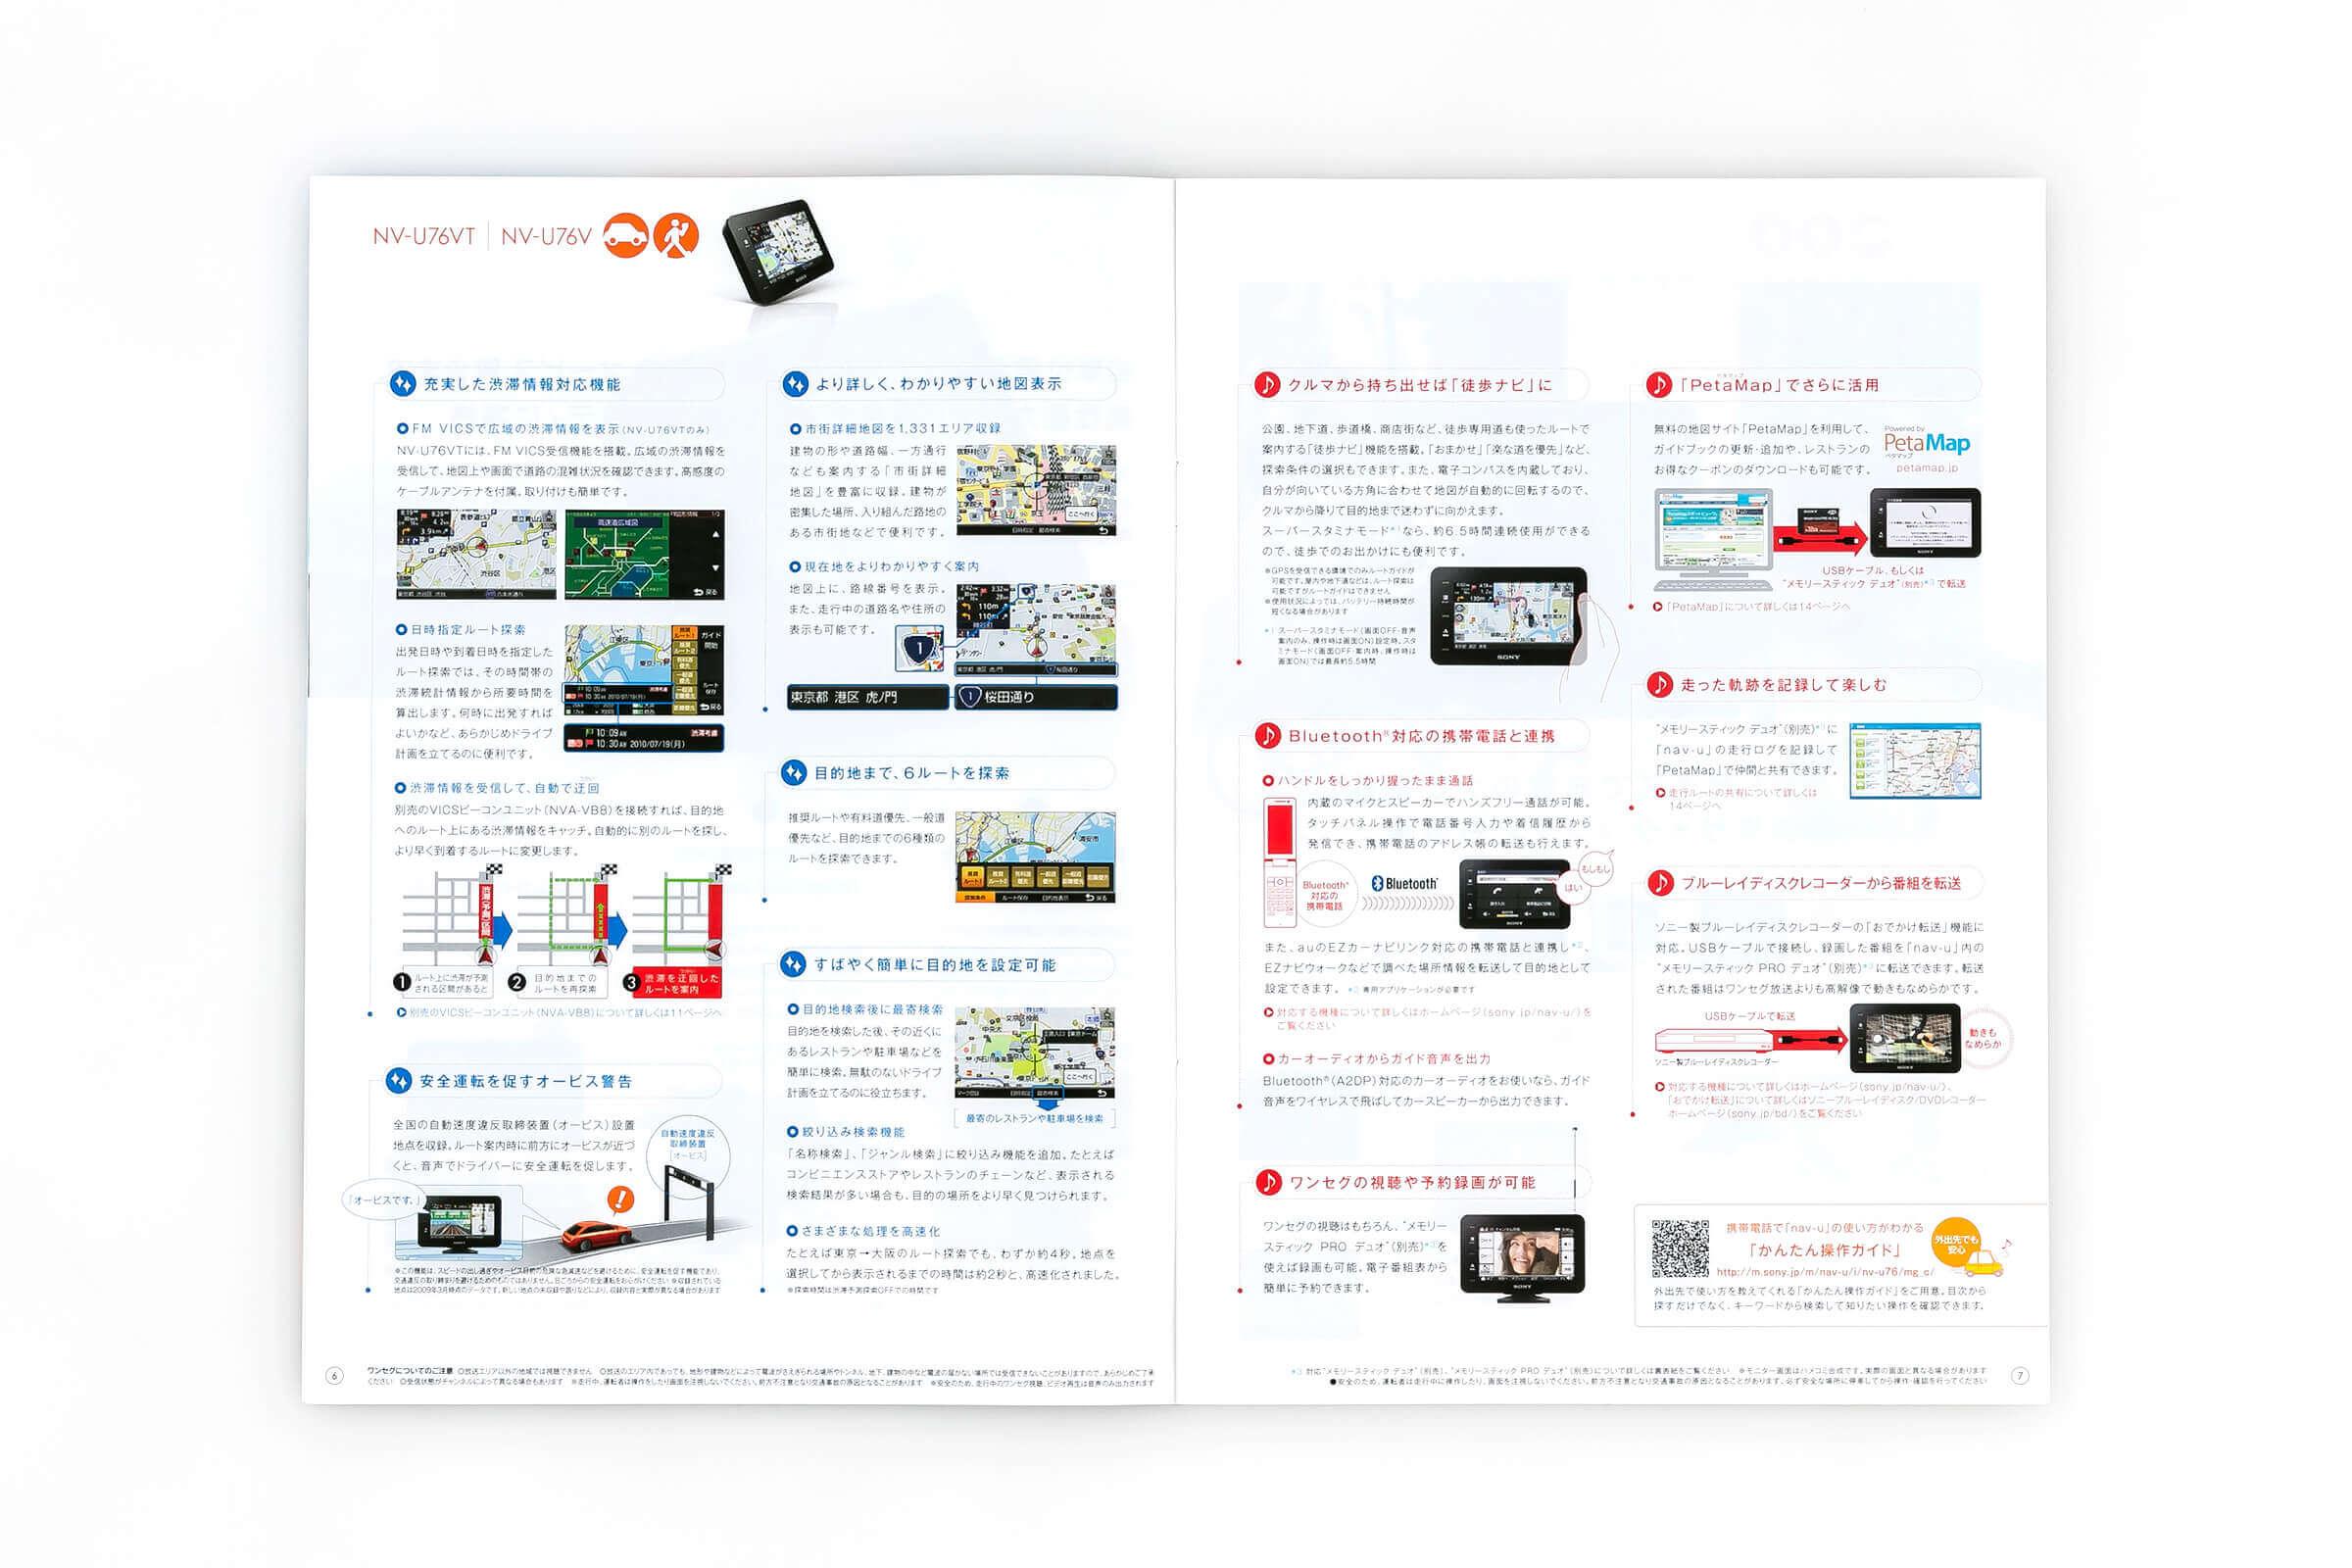 パーソナルナビゲーションシステム総合カタログ P6-7